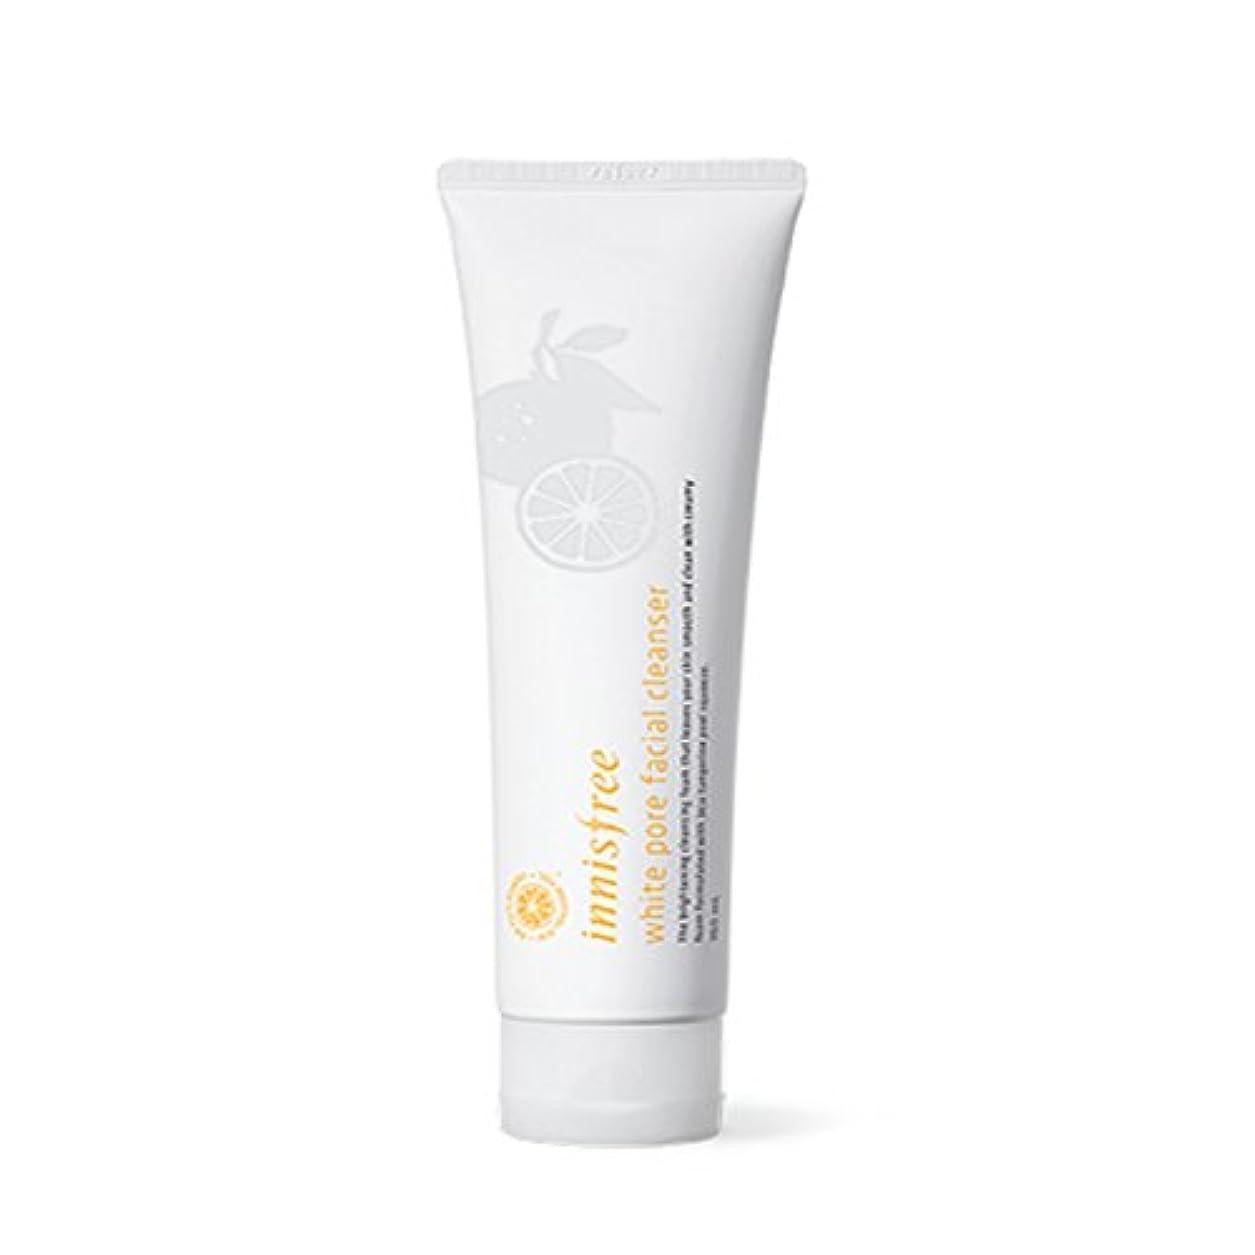 エロチックコンテストクラウドイニスフリーホワイトポアフェイシャルクレンザー150ml Innisfree White Pore Facial Cleanser 150ml [海外直送品][並行輸入品]